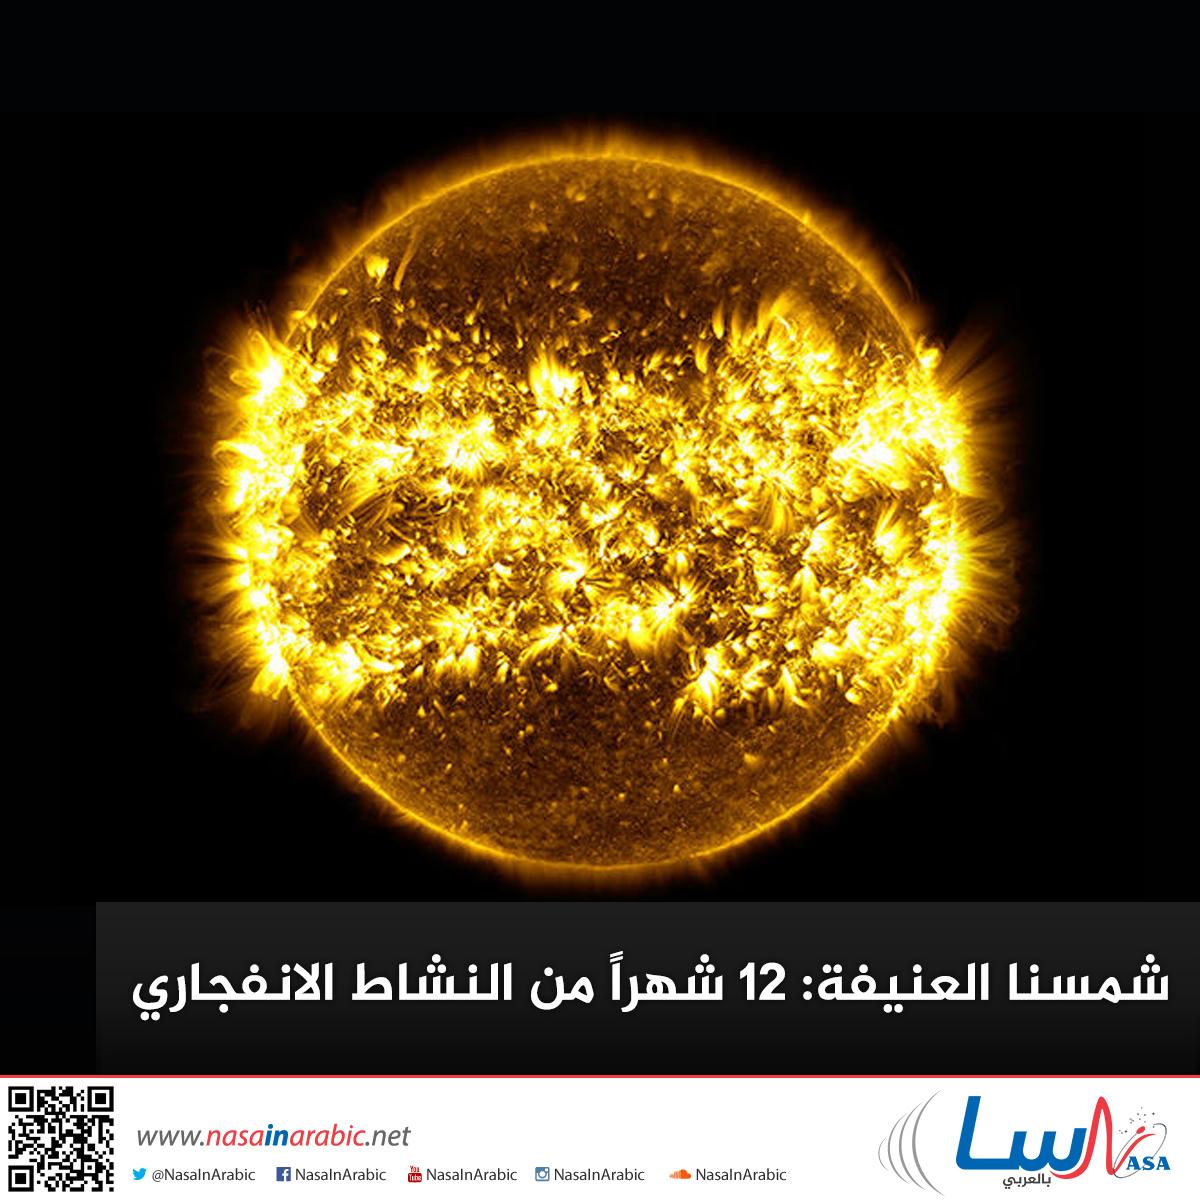 شمسنا العنيفة: 12 شهراً من النشاط الانفجاري